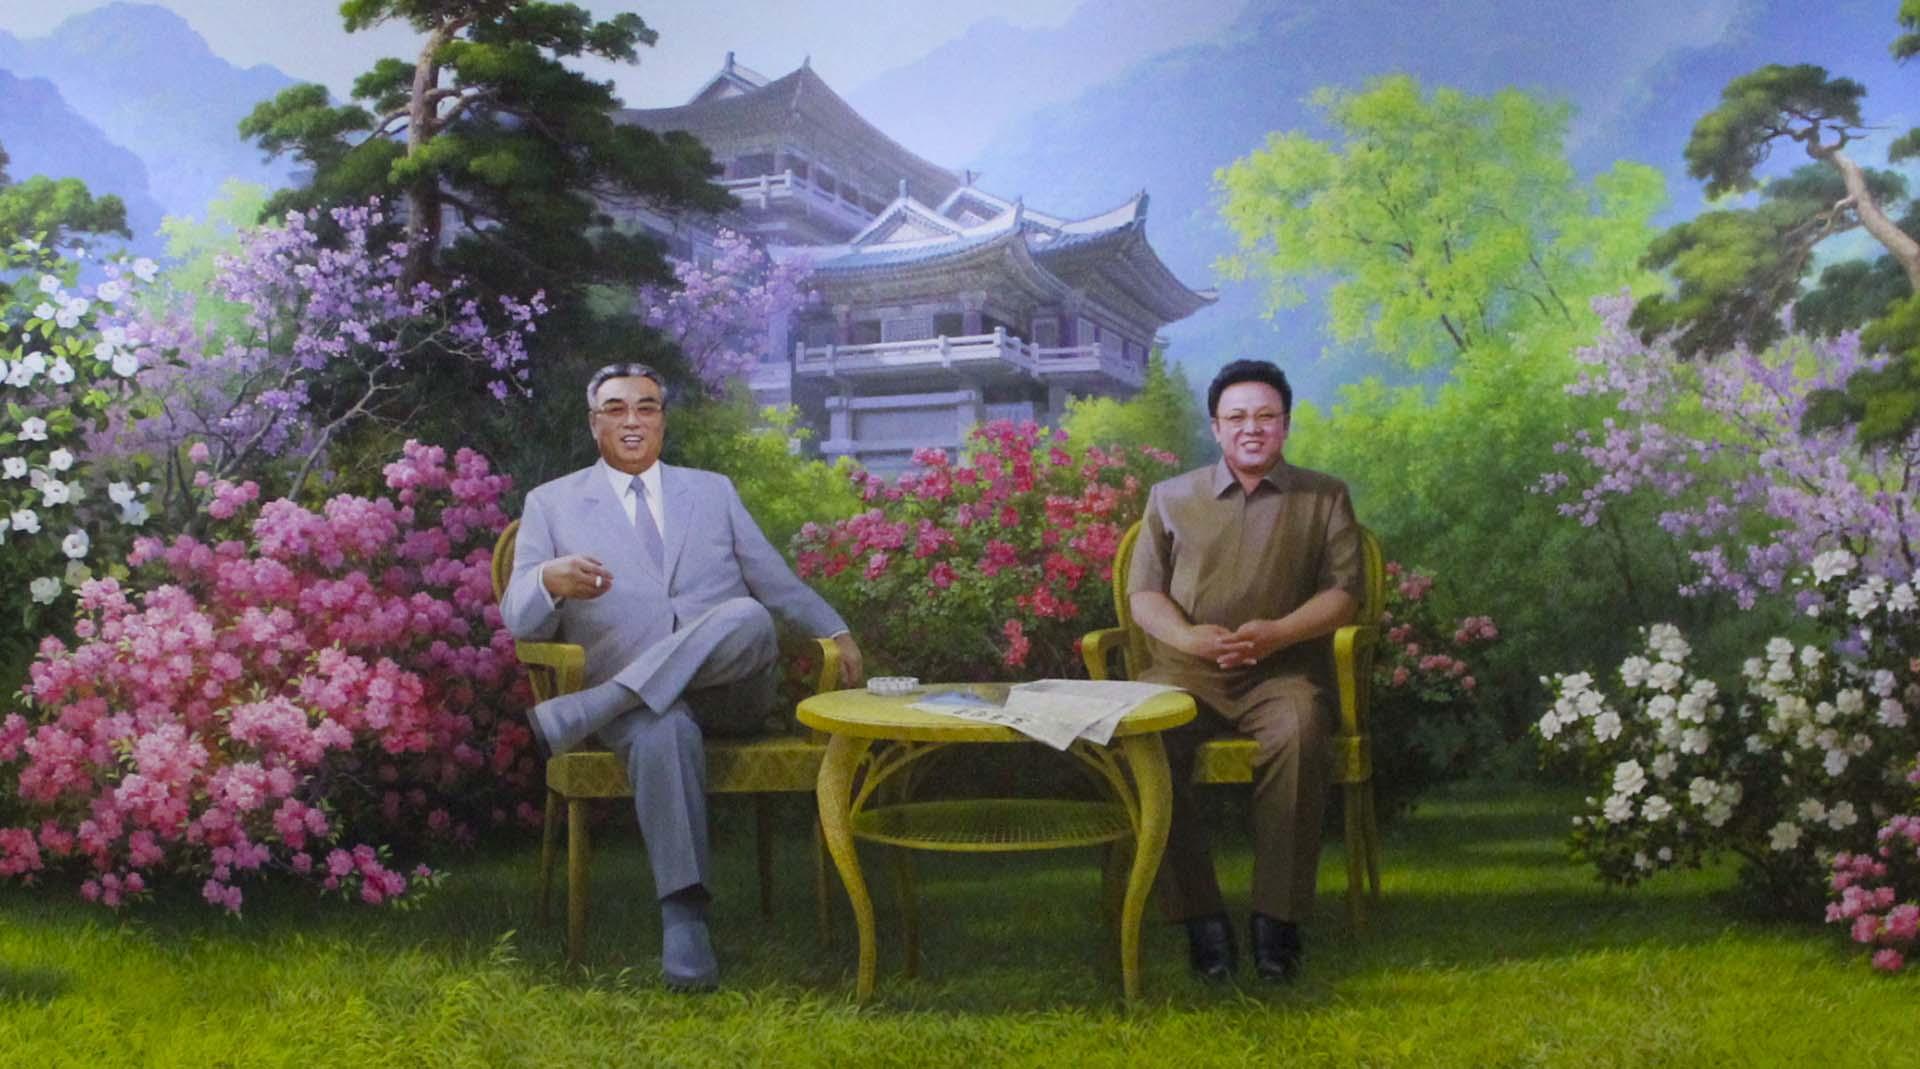 Al otro lado de las puertas metálicas del hotel Chongchon, en el interior de Corea del Norte, nos esperaban las efigies de Kim Il Sung, vestido con su traje gris de rutina, y Kim Jong Il, con su uniforme amarronado engañosamente militar, sonriendo desde un mural atornillado en la pared principal de la recepción. Las azaleas que rodeaban a los líderes y perfumaban la hora del té se reflejaban en el piso de cerámicos brillantes como en un estanque. No eran las únicas flores que gustaban a los líderes. La orquídea púrpura y la begonia roja son las más famosas y adoradas de Corea del Norte, donde se conocen con los nombres botánicos personalísimos de Kimilsungia y Kimjongilia: la flor de Kim Il Sung, la flor de Kim Jong Il